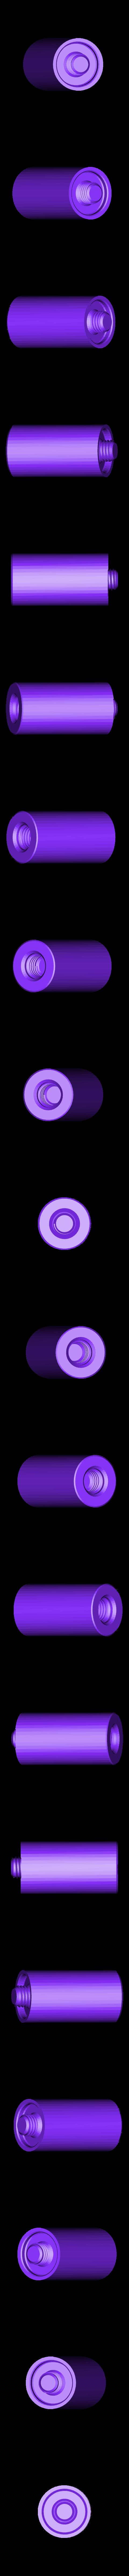 90mm_BigRod.STL Télécharger fichier STL gratuit Le porte-bobine universel - Page principale • Design pour imprimante 3D, Balkhagal4D